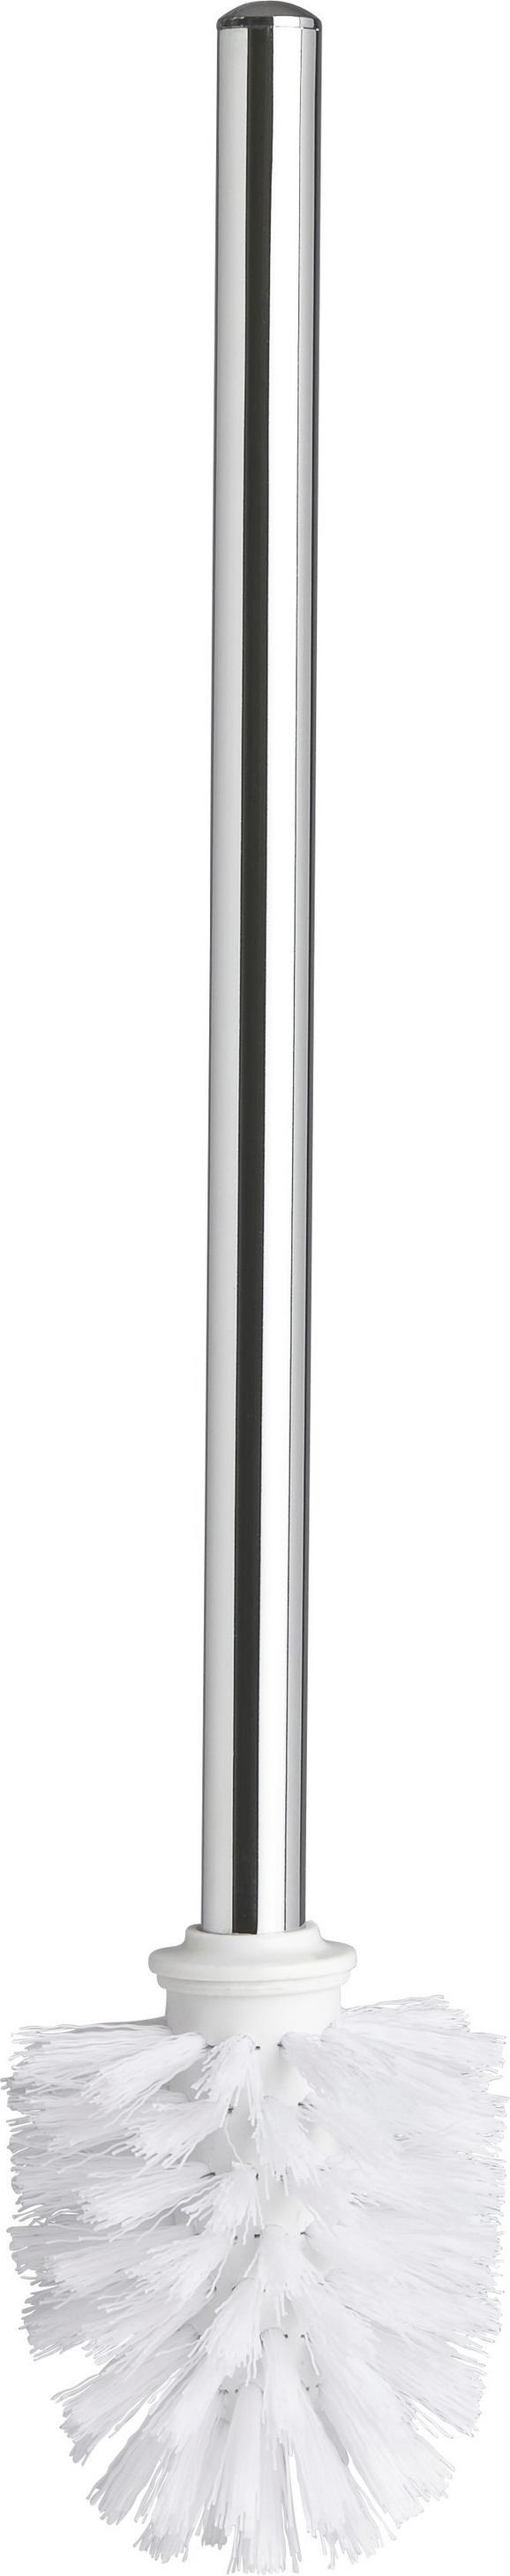 Wc-ščetka Vision - kovina/umetna masa (8/37,5cm)